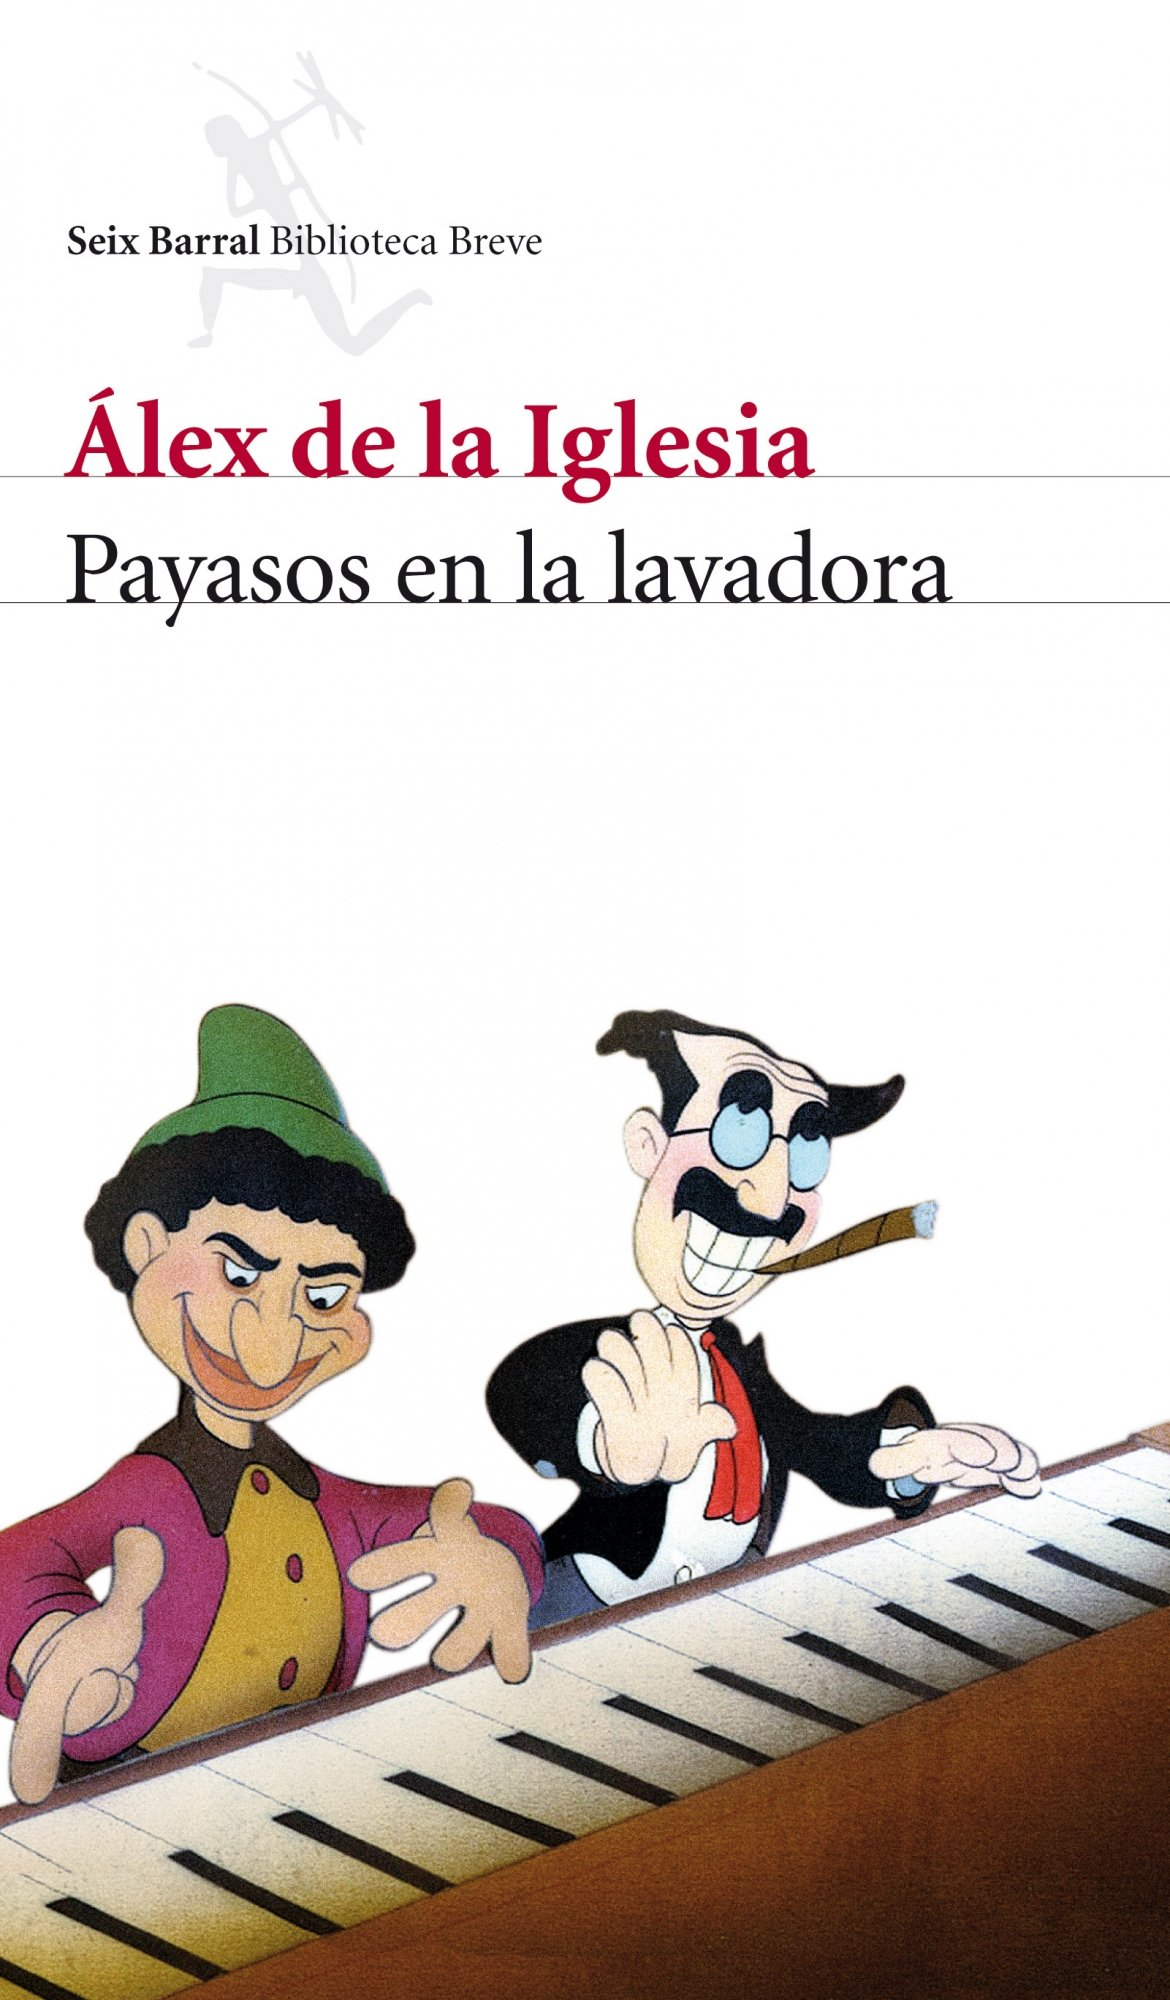 Payasos en la lavadora: Álex de la Iglesia: 9788432212659 ...